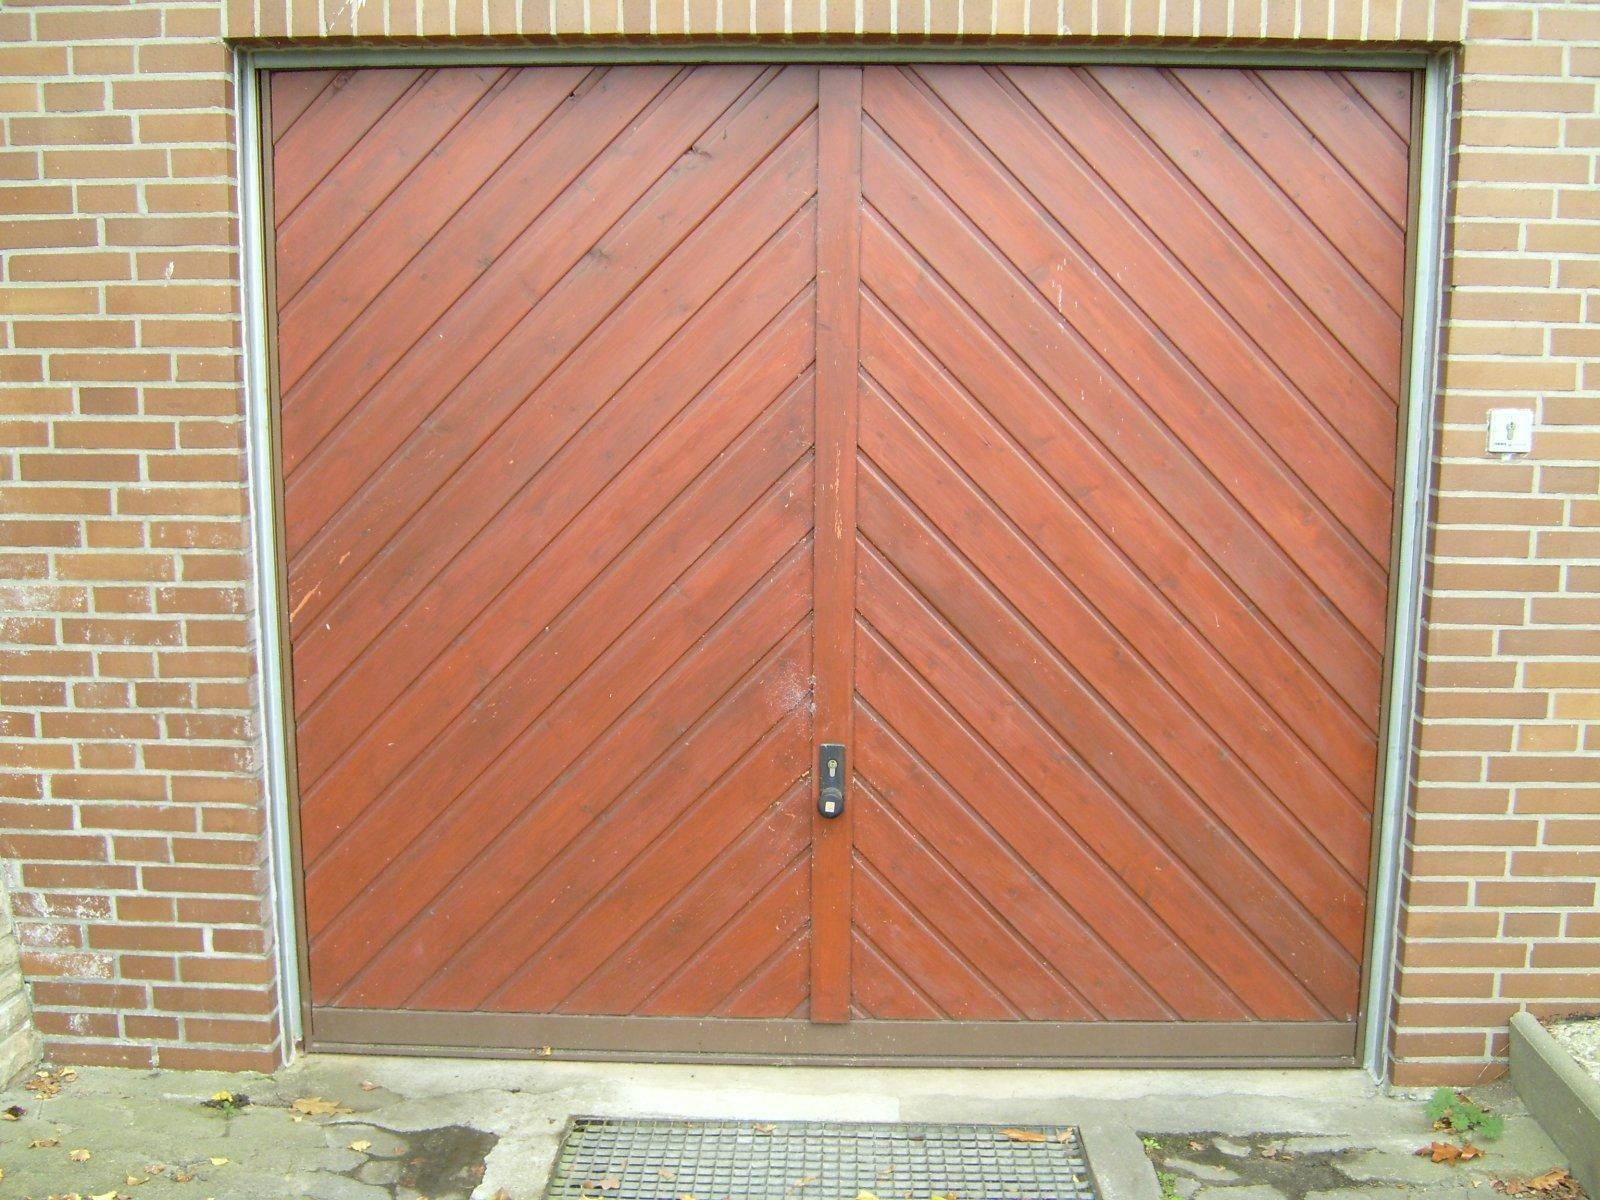 Filewooden garage doorg wikimedia commons filewooden garage doorg rubansaba